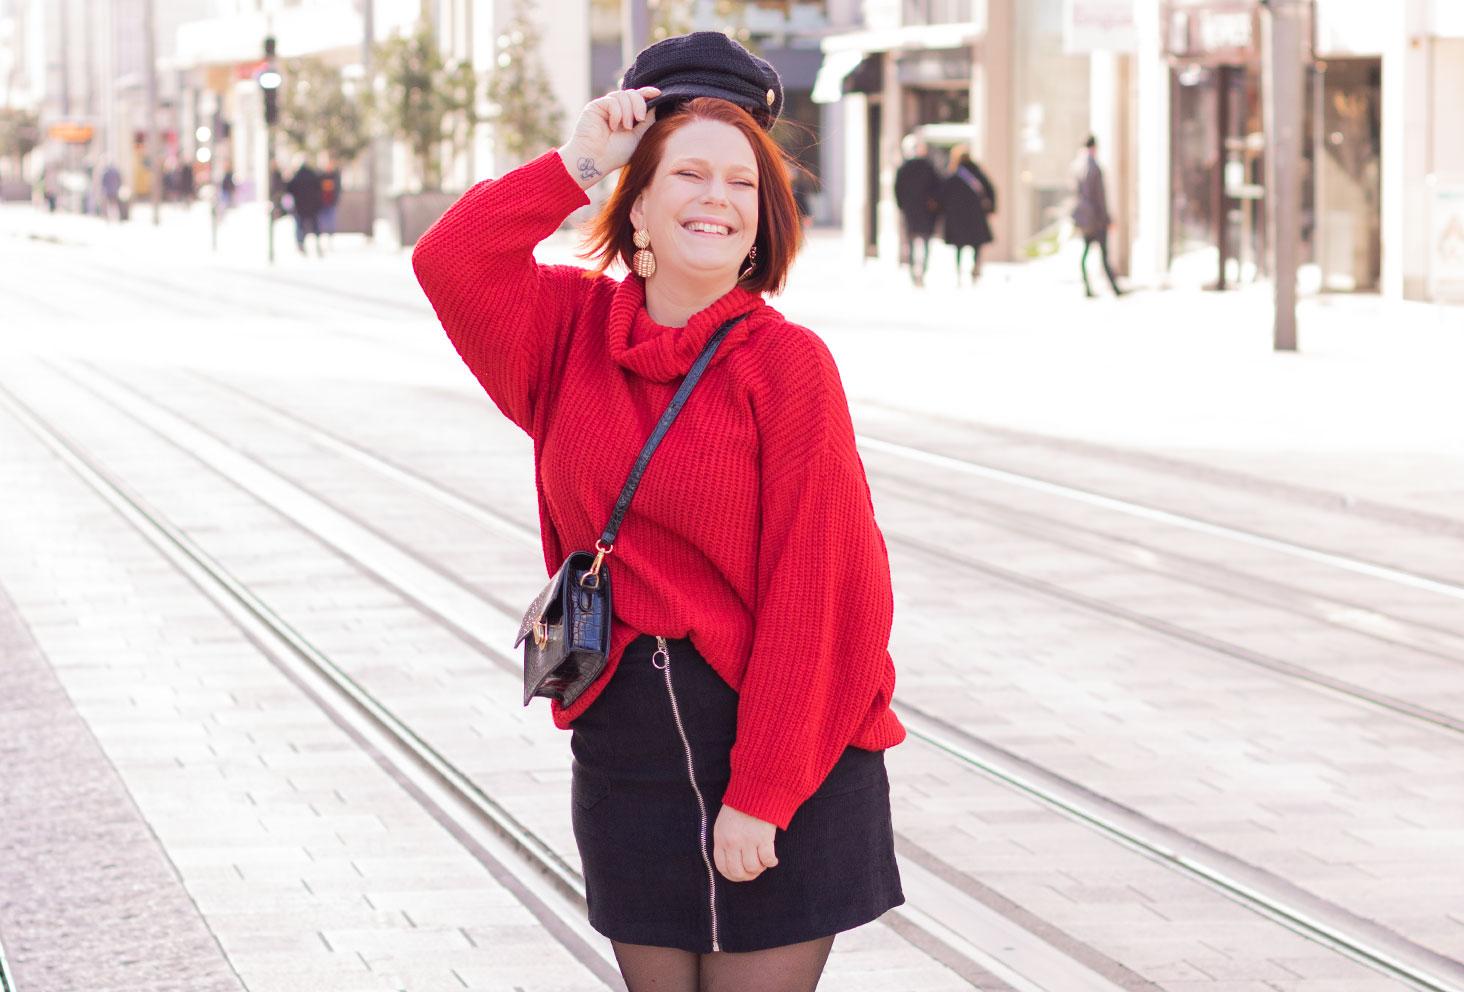 Au milieu d'une rue en jupe noire et pull rouge Shein, pour parler du harcèlement de rue